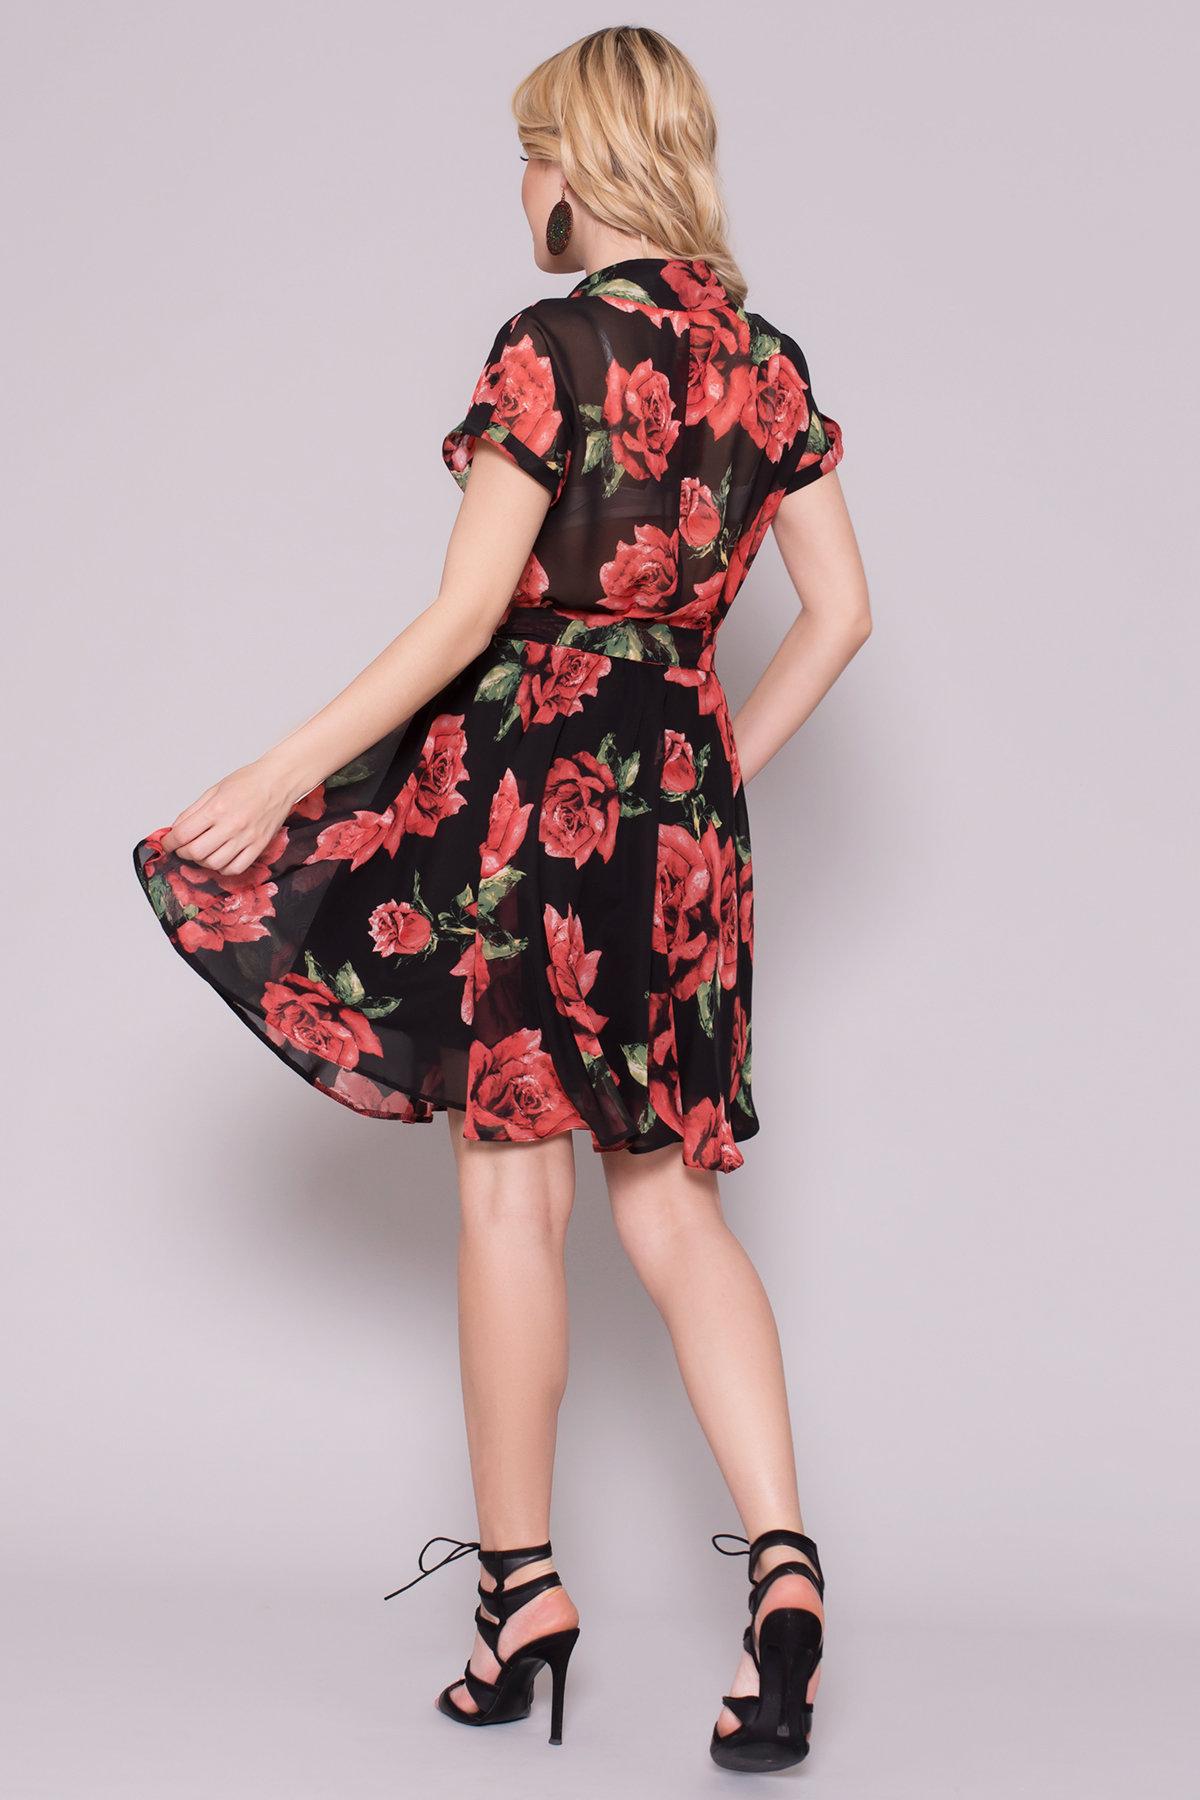 Платье Санжар 6935 АРТ. 42934 Цвет: Розы черный/красный - фото 2, интернет магазин tm-modus.ru